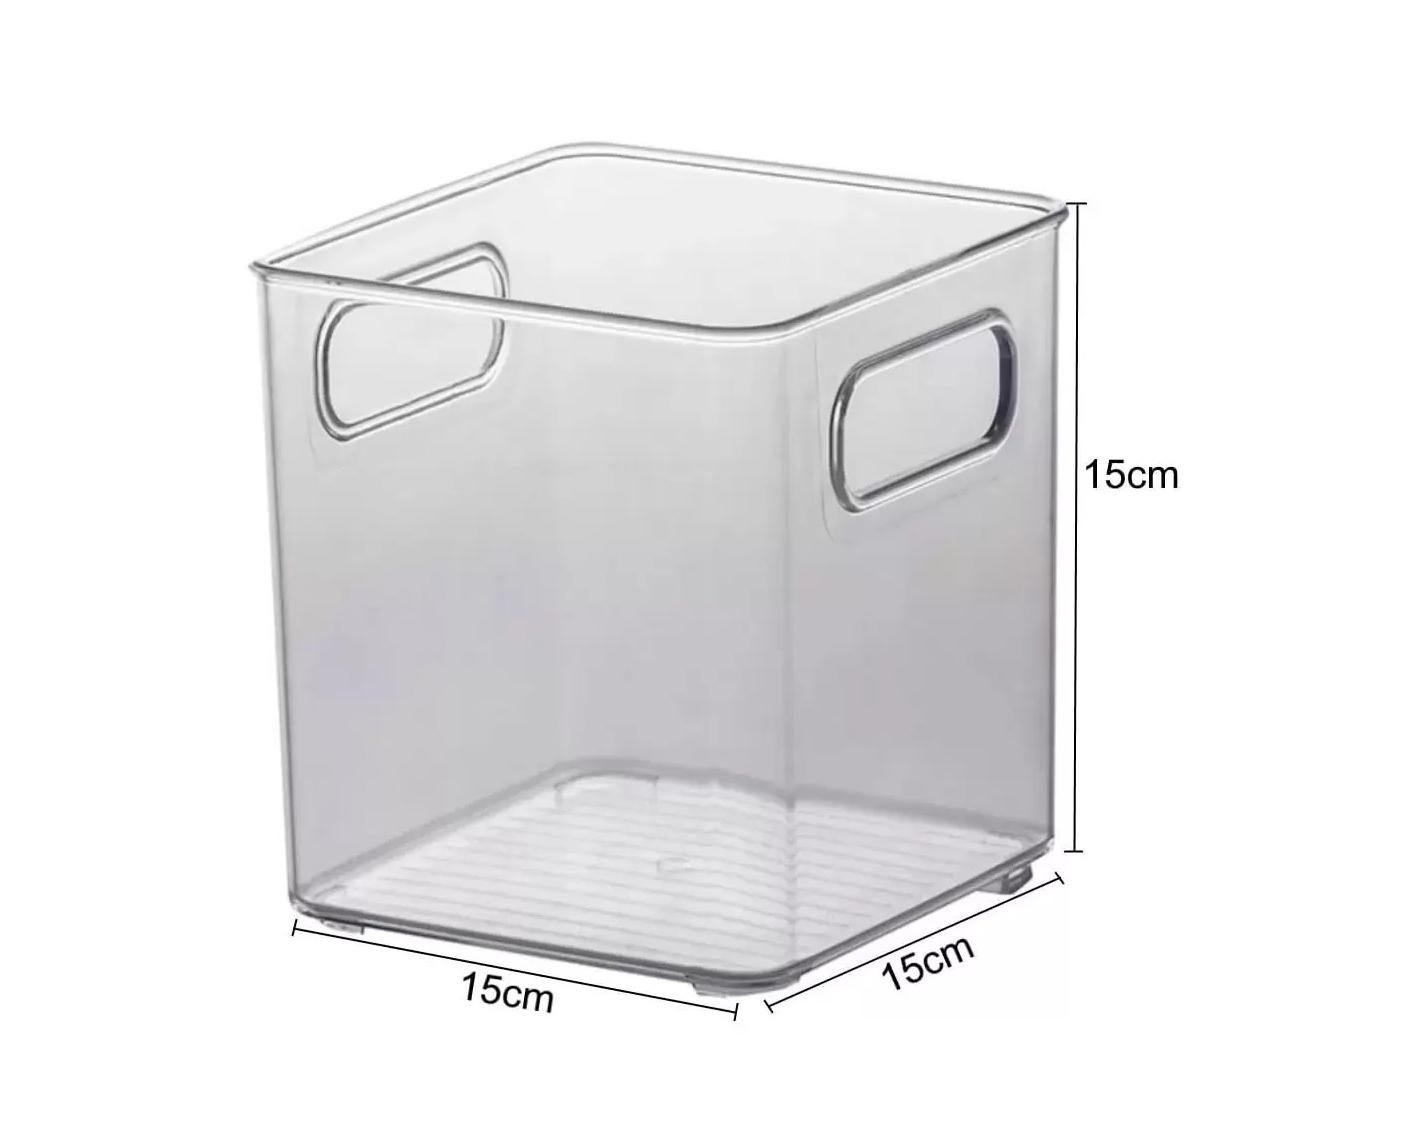 2 Organizador Multiuso C/ Alça Cozinha Banheiro 15x15x15 899